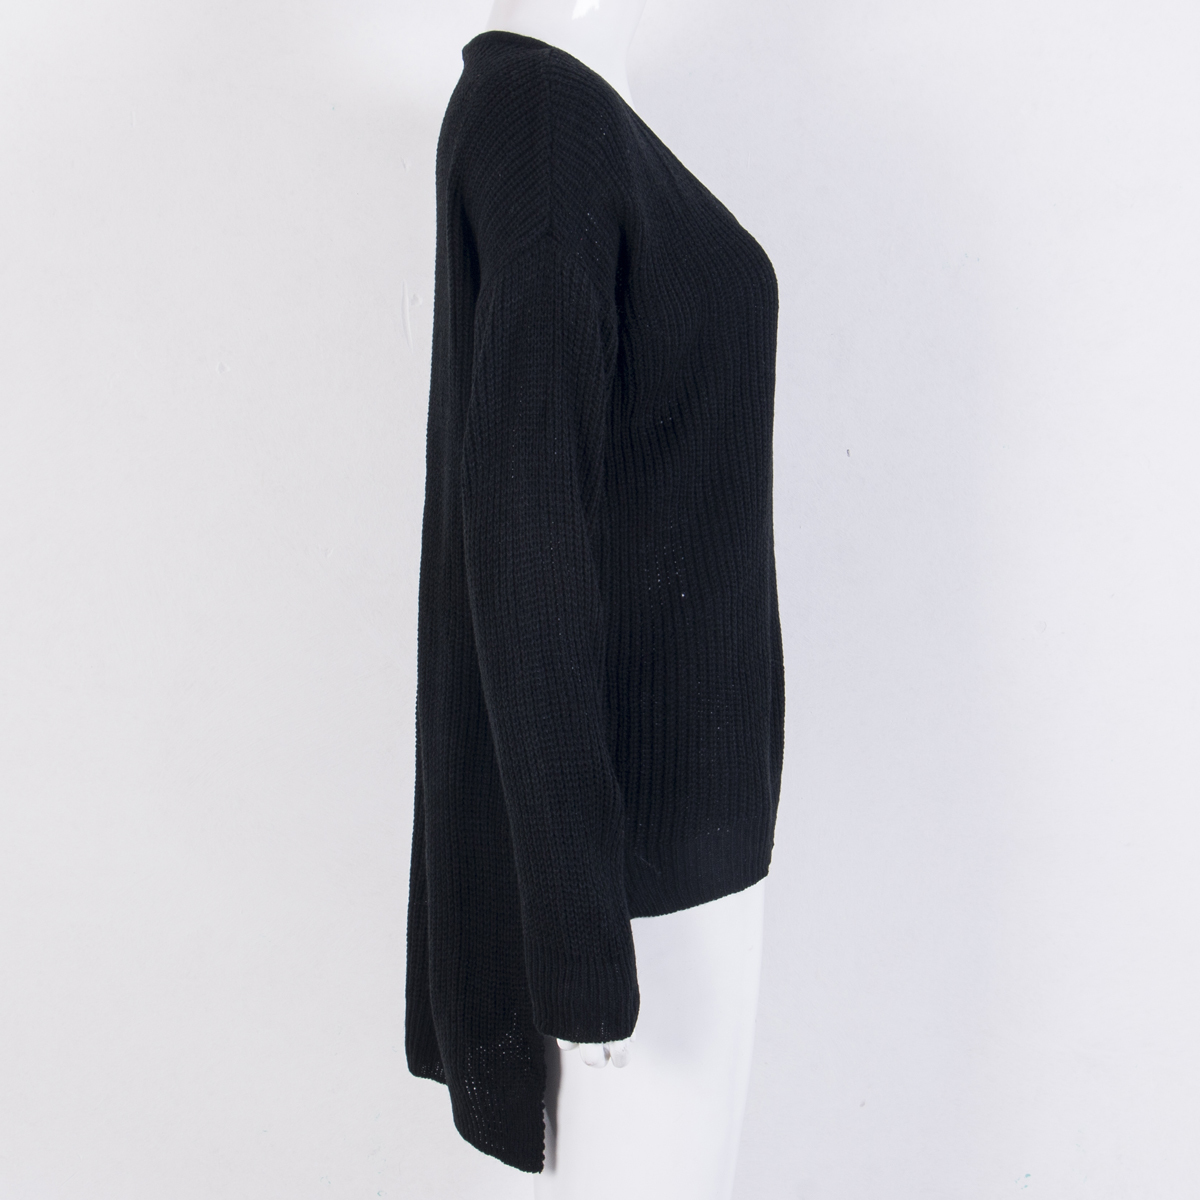 Female Ladies Warm Off Shoulder Sweaters Women's Long Sleeve Loose Knitted Sweater Jumper Knitwear Outwear C18110601